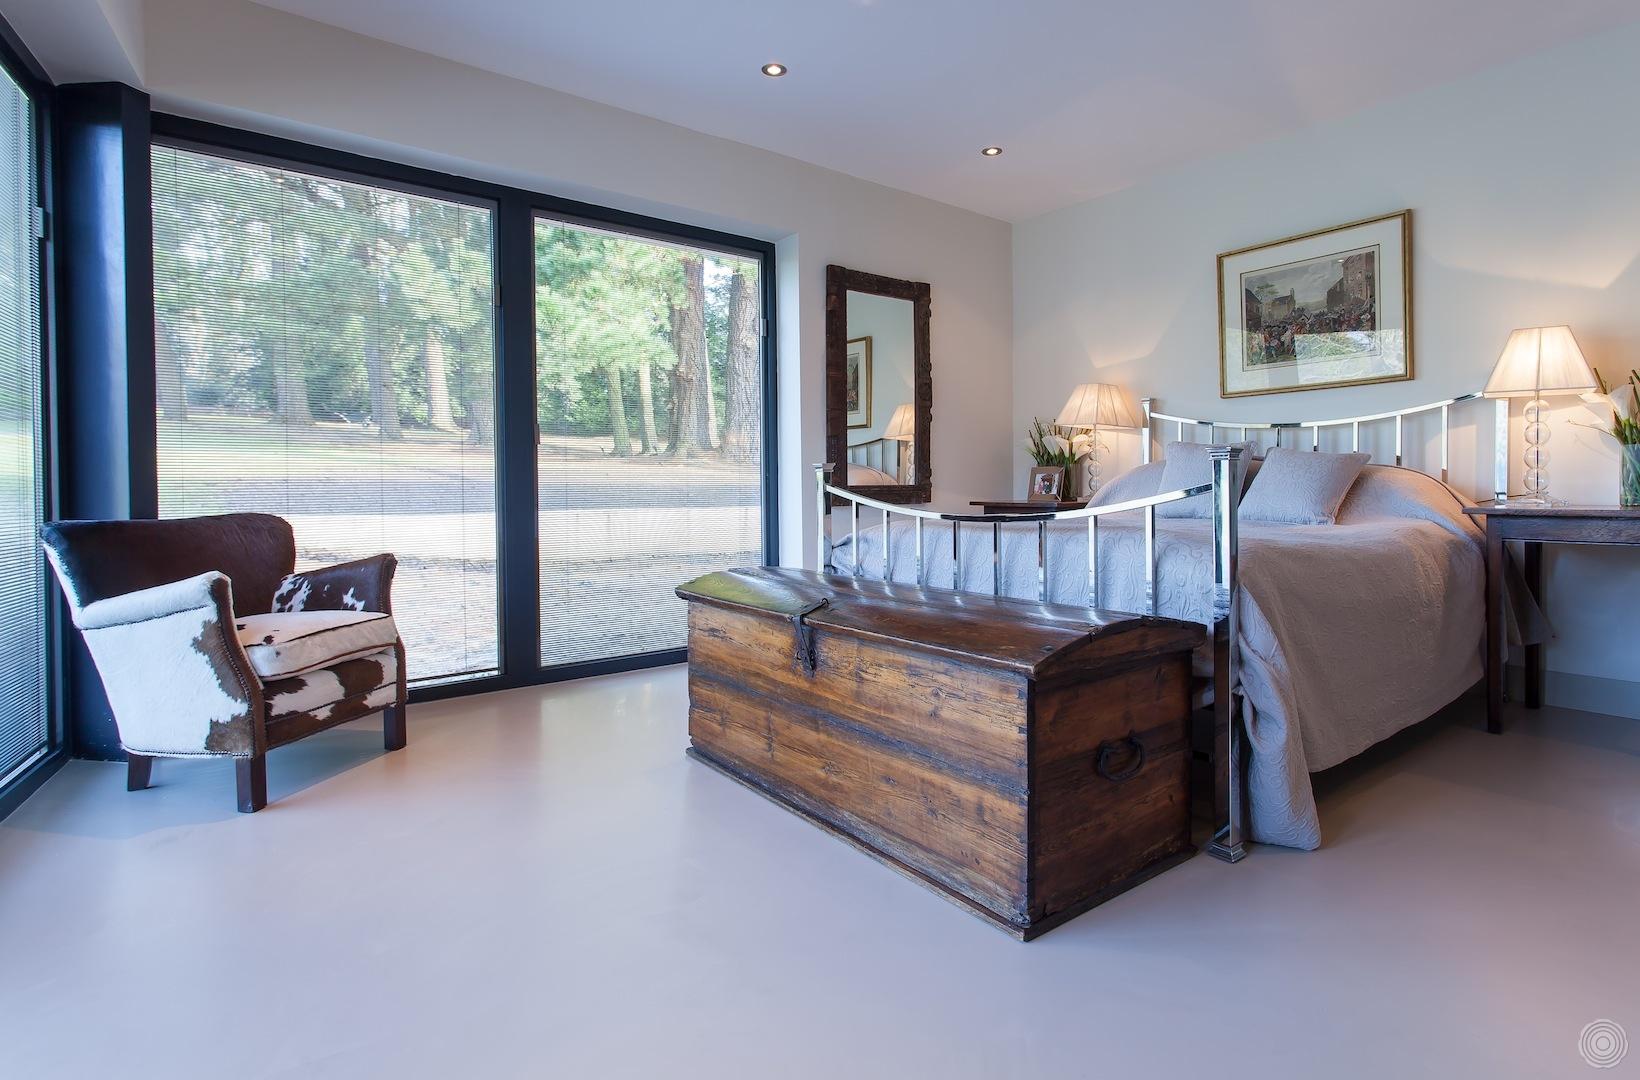 Gietvloer slaapkamer prijzen: alle kleurcombinaties mogelijk motion